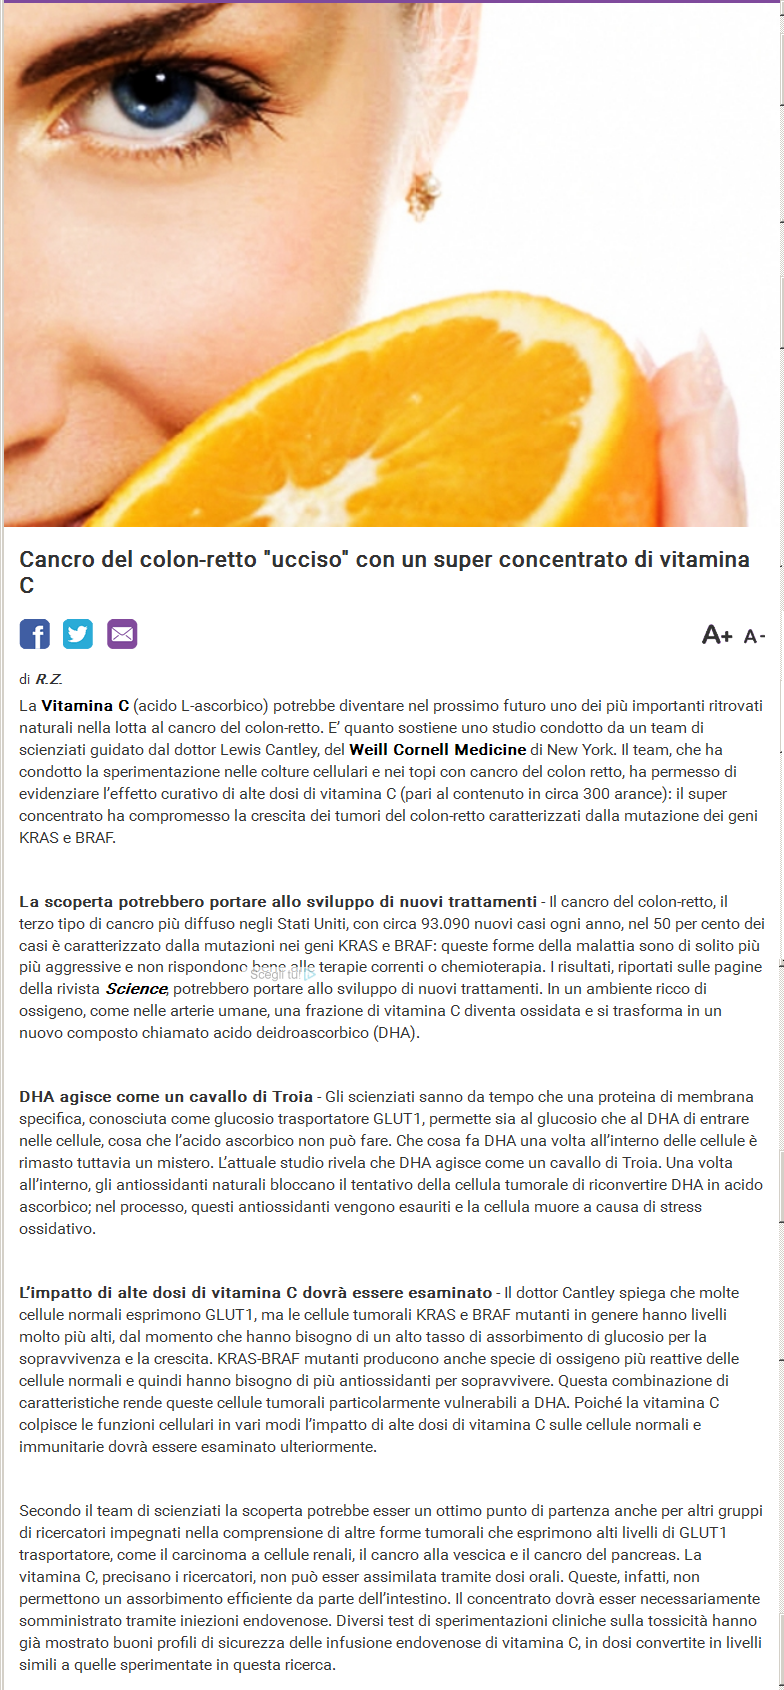 alta dose di vitamina C per uccidere i parassiti